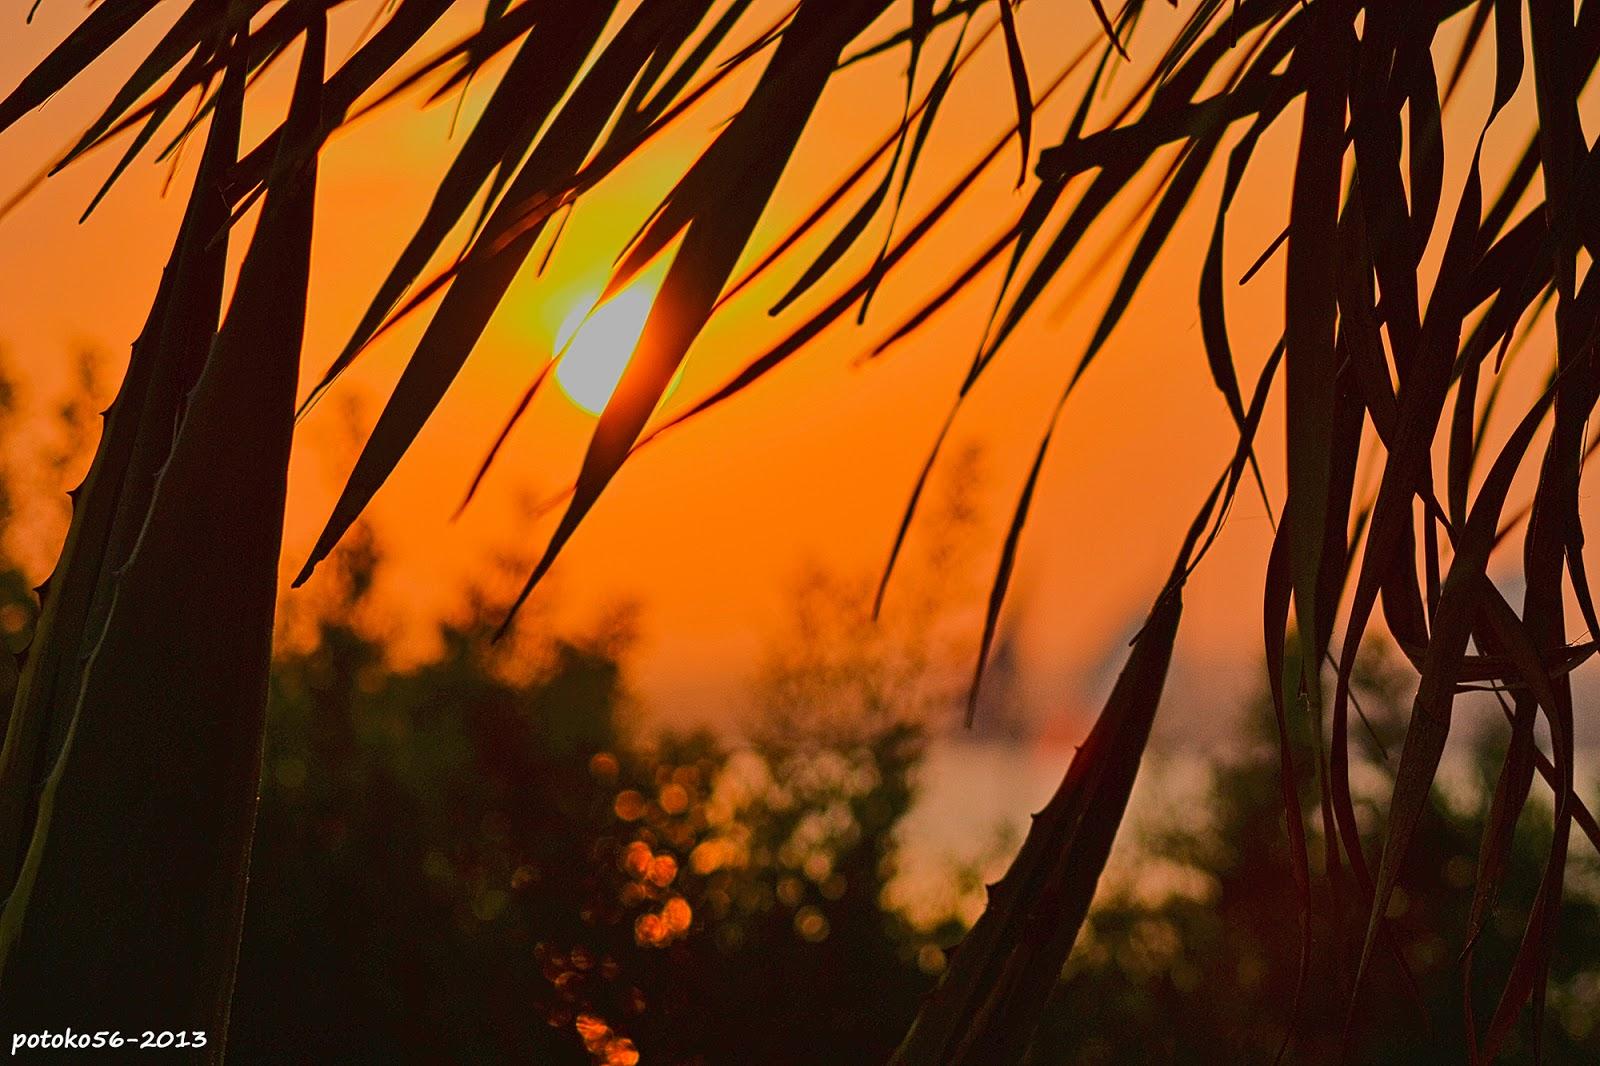 sale el sol entre cactus y palmeras Paseo del Chorrillo Rota